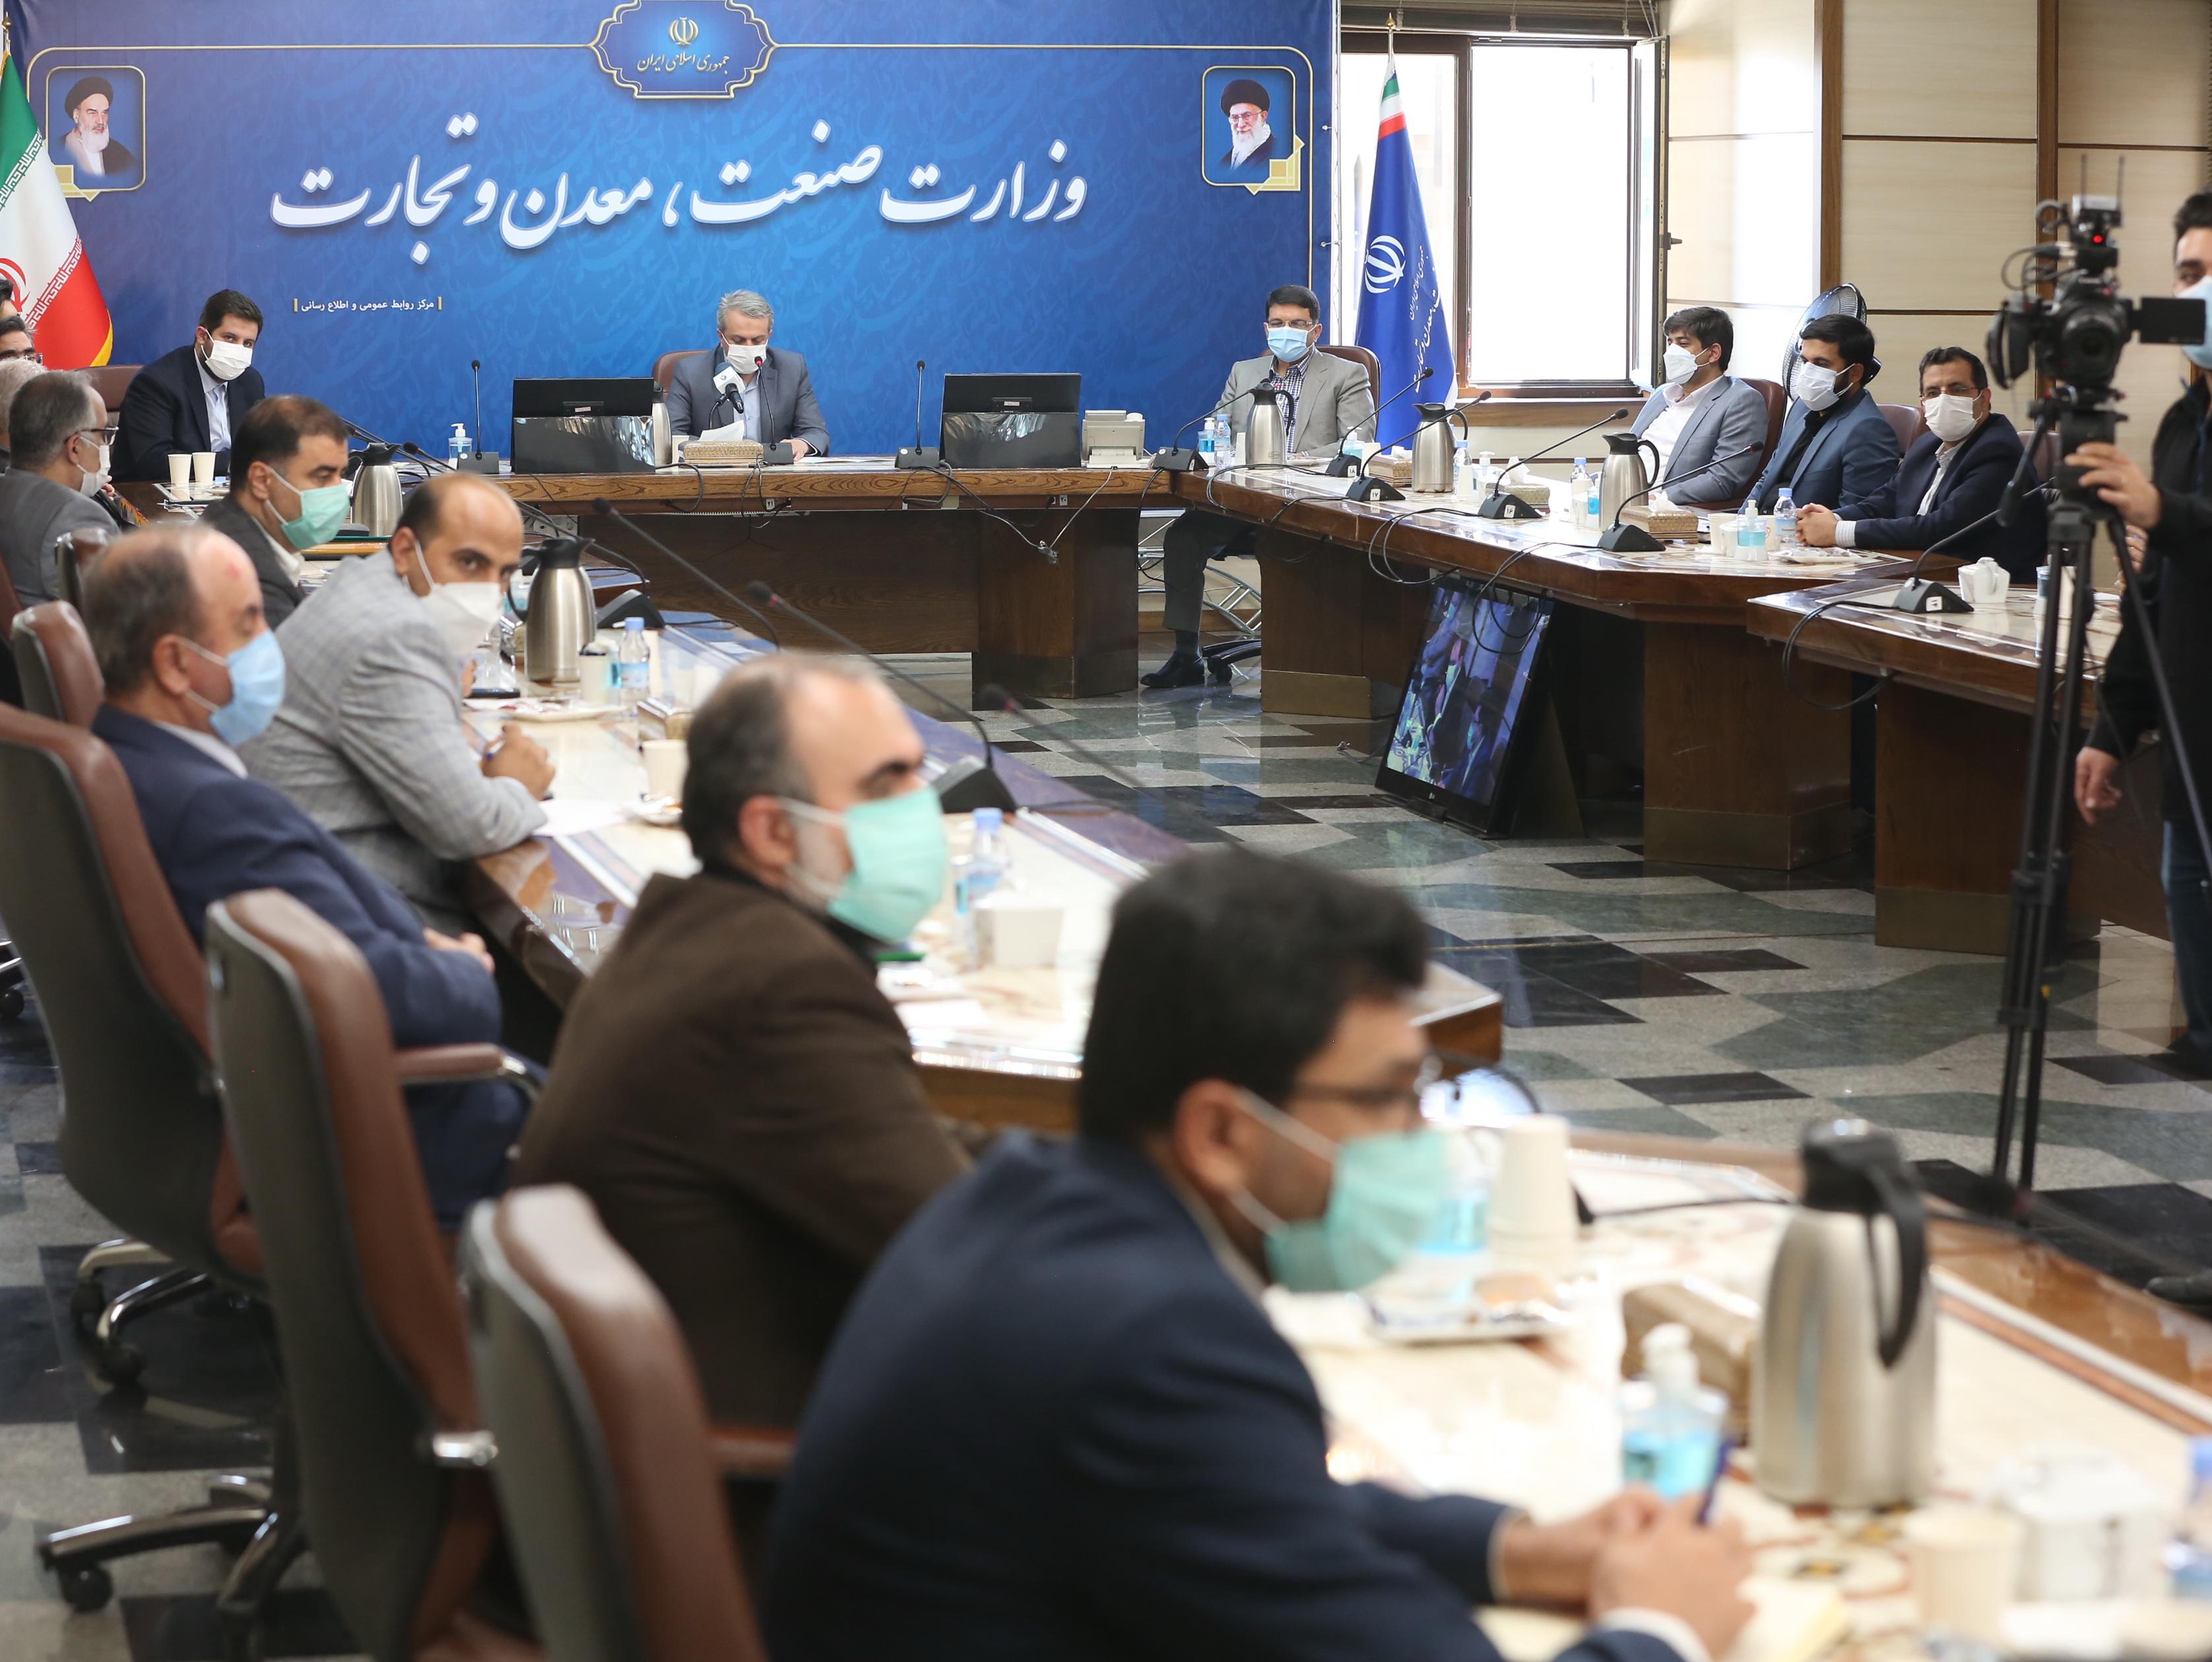 جلسه شورای معاونین ، تکریم ومعارفه